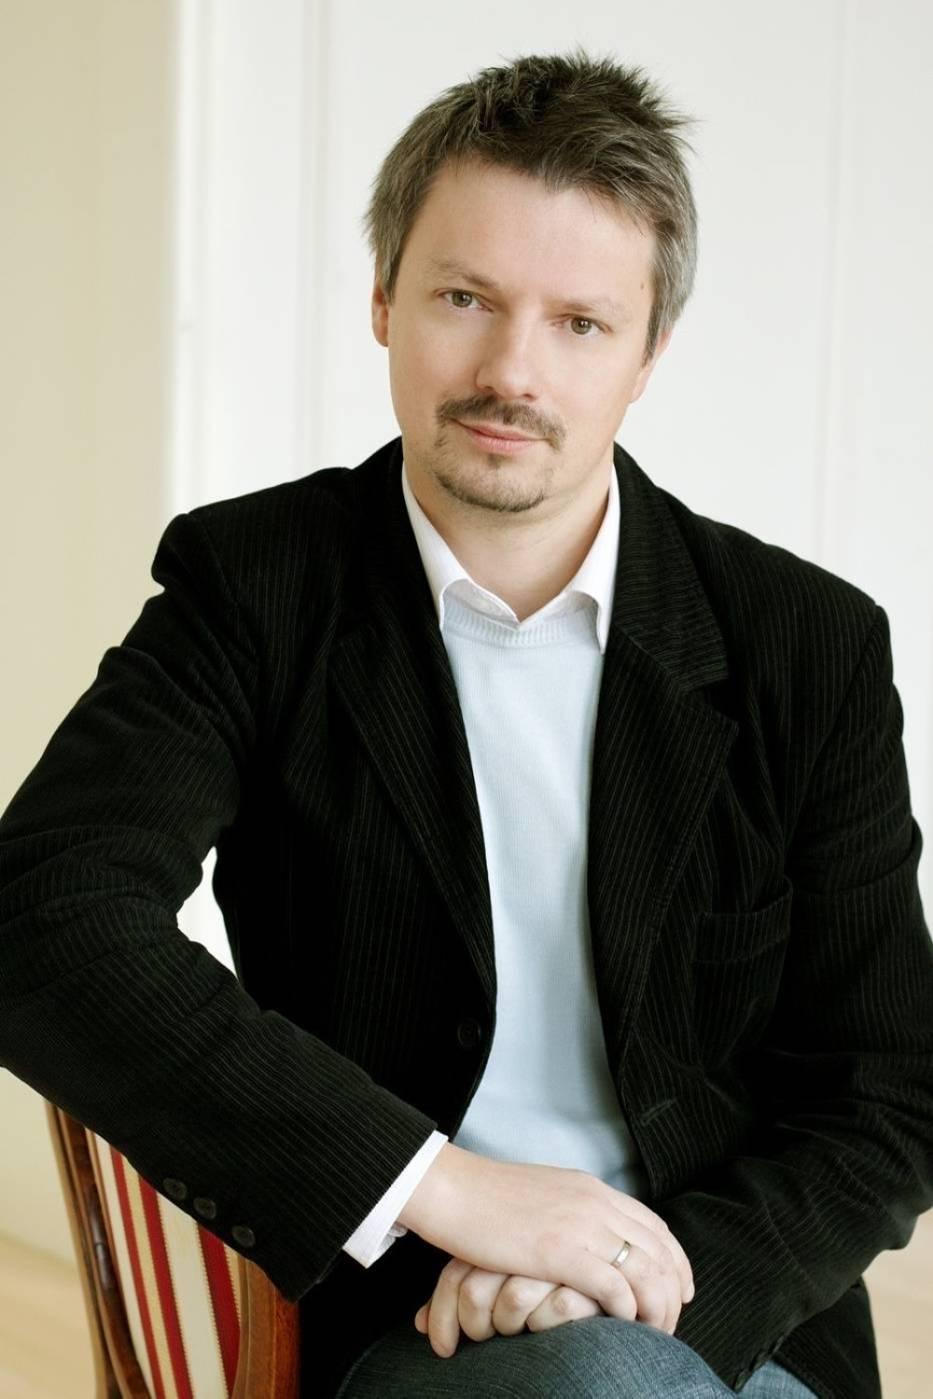 Teatr Polski z dwójką nowych dyrektorów. Pokierują nim Marcin Kowalski i Maciej Nowak